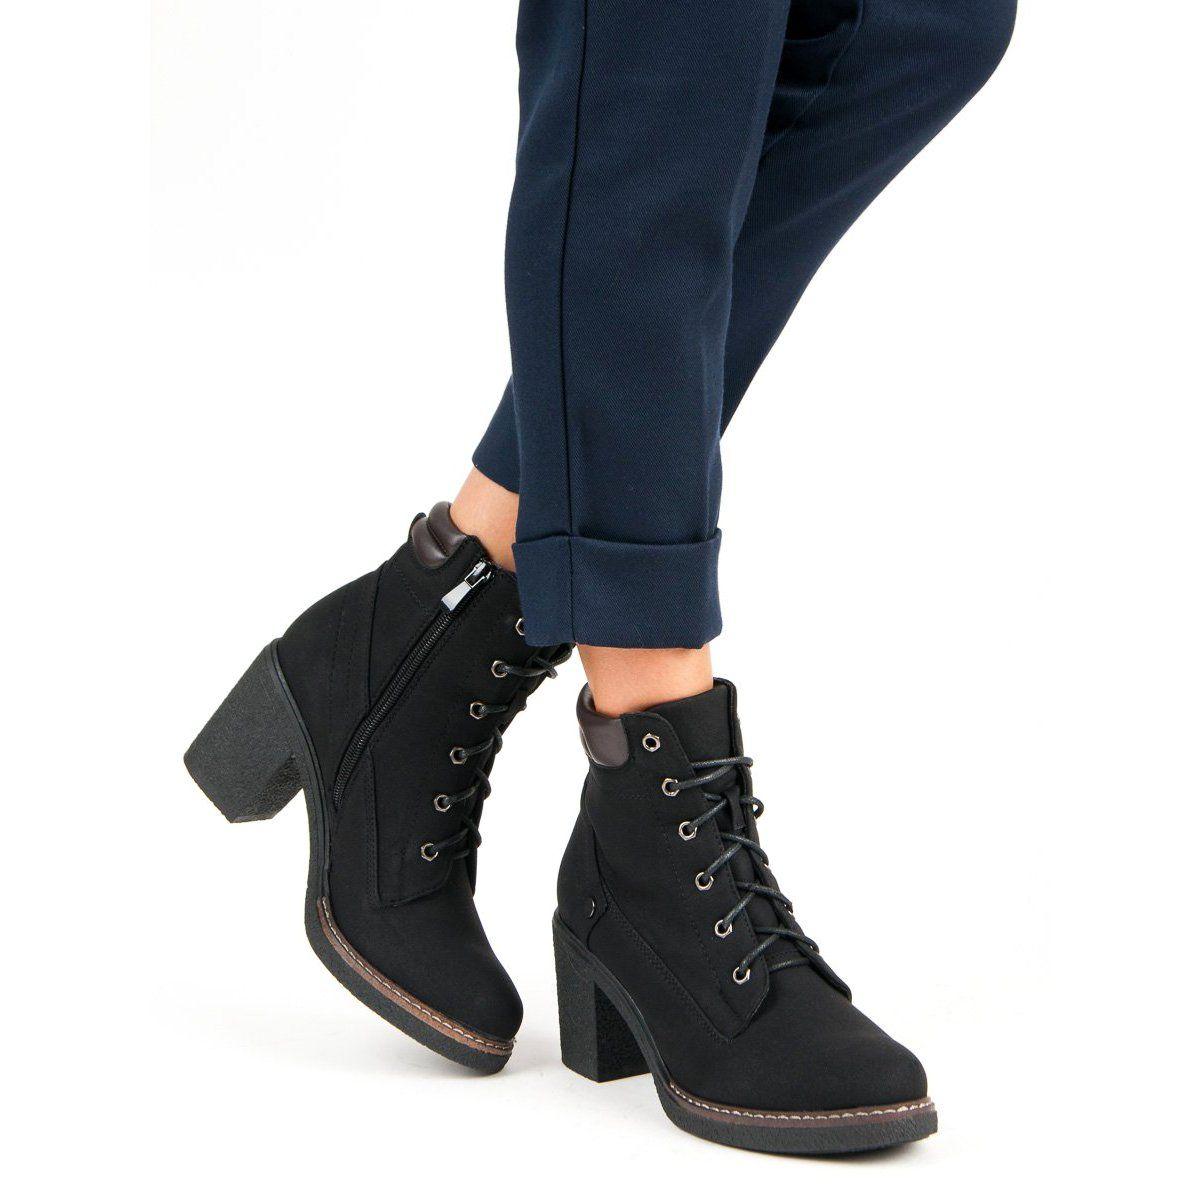 Sweet Shoes Jesienne Sznurowane Botki Czarne